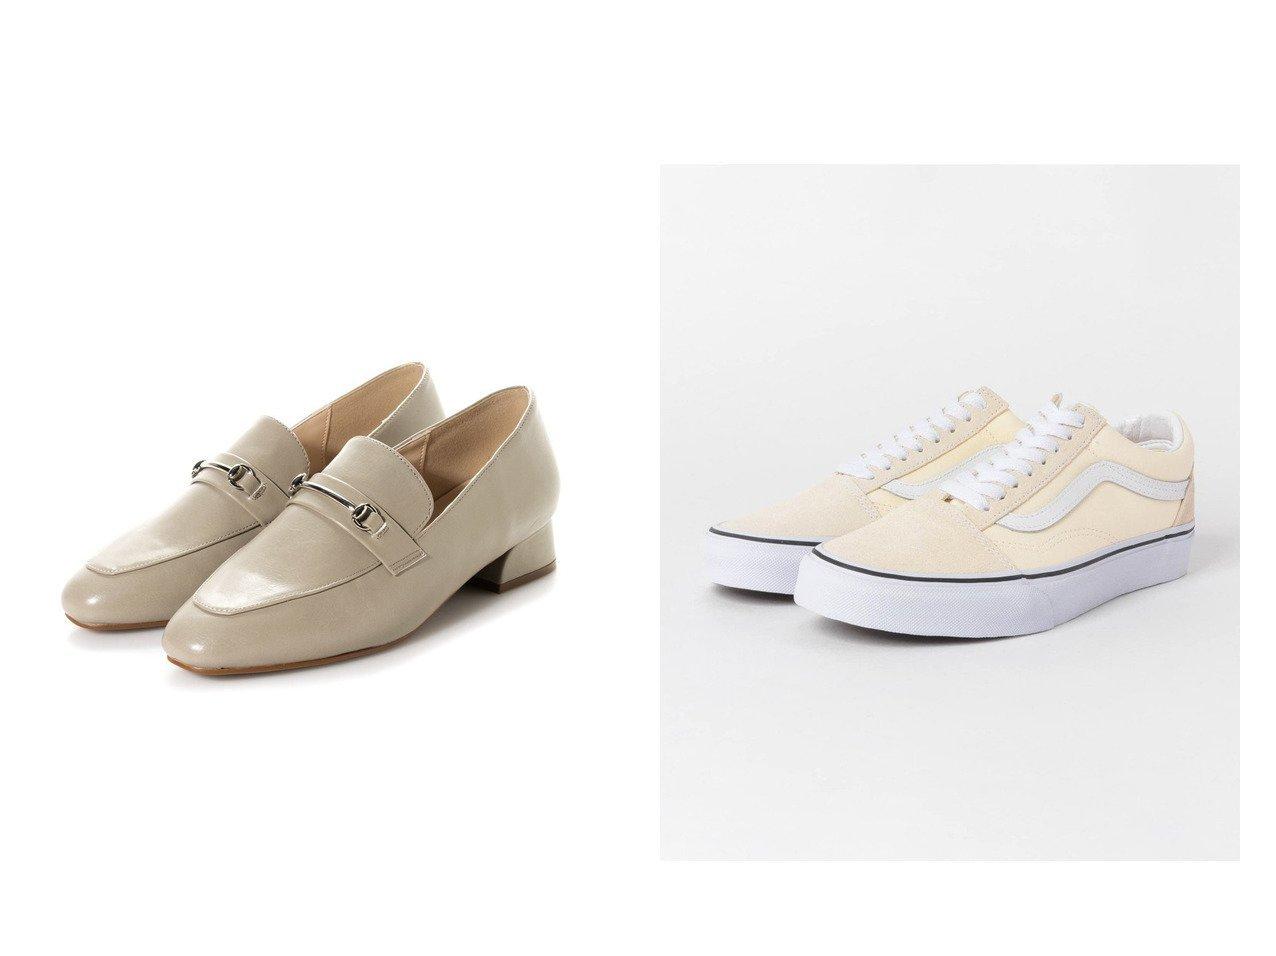 【URBAN RESEARCH DOORS/アーバンリサーチ ドアーズ】のVANS OLD SKOOL&【mio notis/ミオ ノティス】のスクエアヒールローファー シューズ・靴のおすすめ!人気、トレンド・レディースファッションの通販 おすすめで人気の流行・トレンド、ファッションの通販商品 メンズファッション・キッズファッション・インテリア・家具・レディースファッション・服の通販 founy(ファニー) https://founy.com/ ファッション Fashion レディースファッション WOMEN 2021年 2021 2021 春夏 S/S SS Spring/Summer 2021 S/S 春夏 SS Spring/Summer エナメル シューズ トレンド 春 Spring カリフォルニア キャンバス クラシック コンビ スエード スニーカー スポーツ スリッポン 定番 Standard 人気 |ID:crp329100000016320